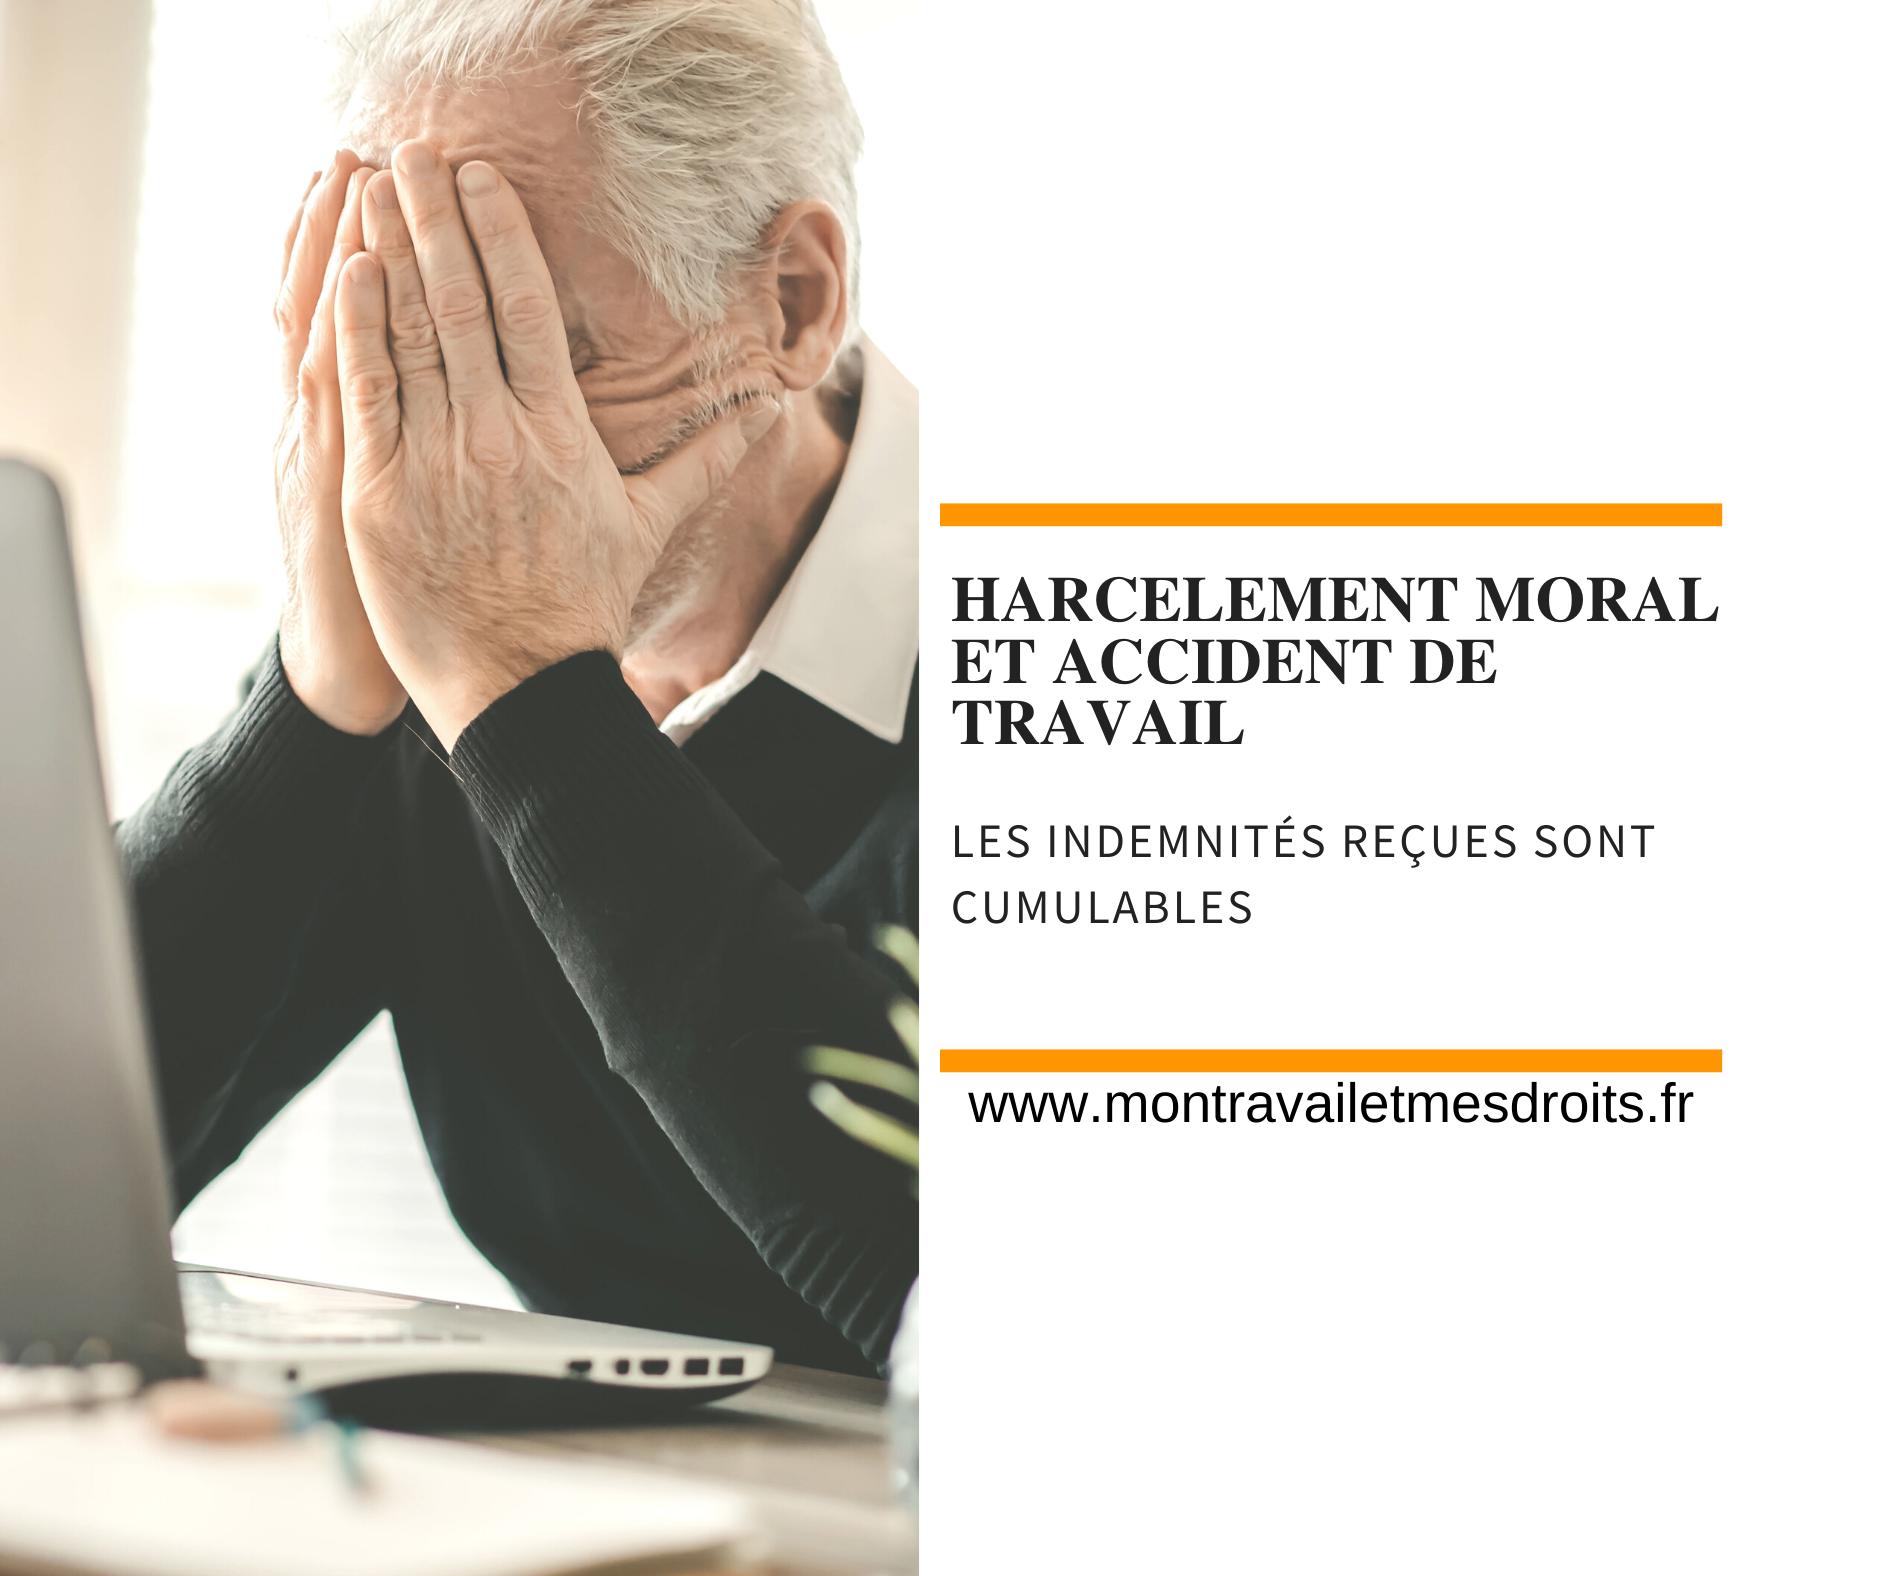 Il est possible de cumuler les indemnisations pour accident du travail et celles pour harcèlement moral